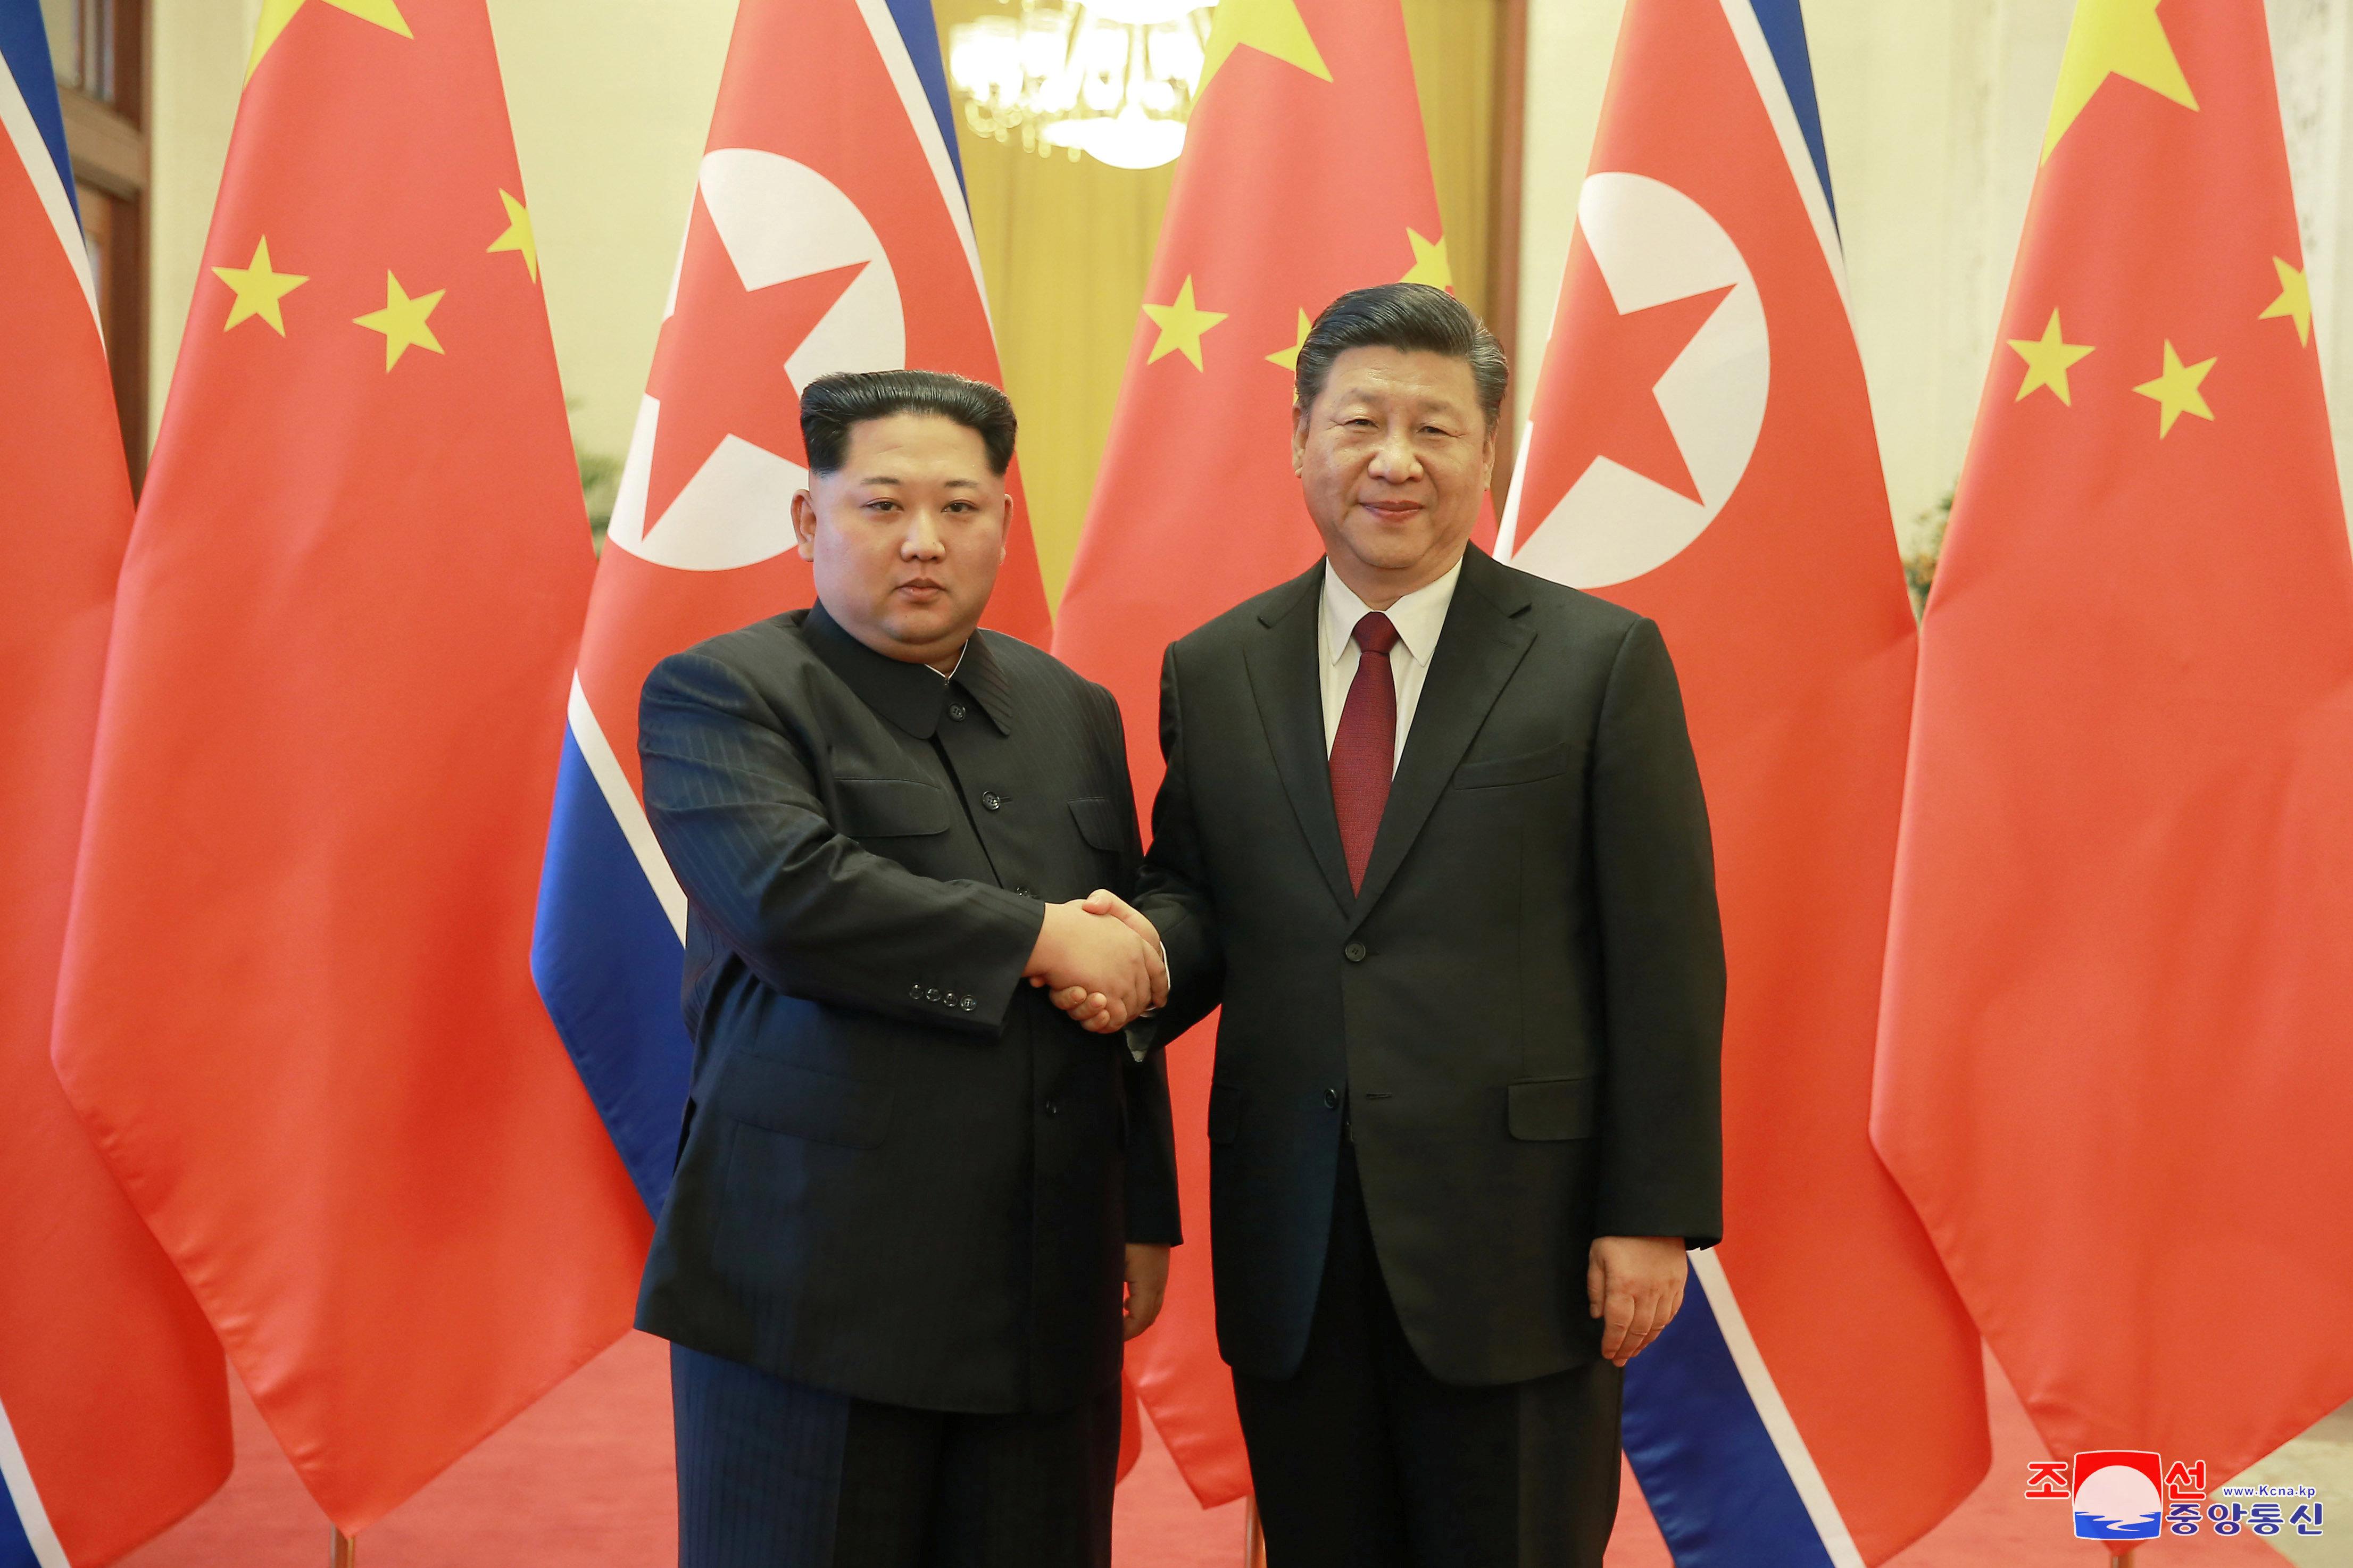 사진은 3월28일 중국을 방문한 김정은 북한 국무위원장이 시진핑 중국 국가주석과 악수하는